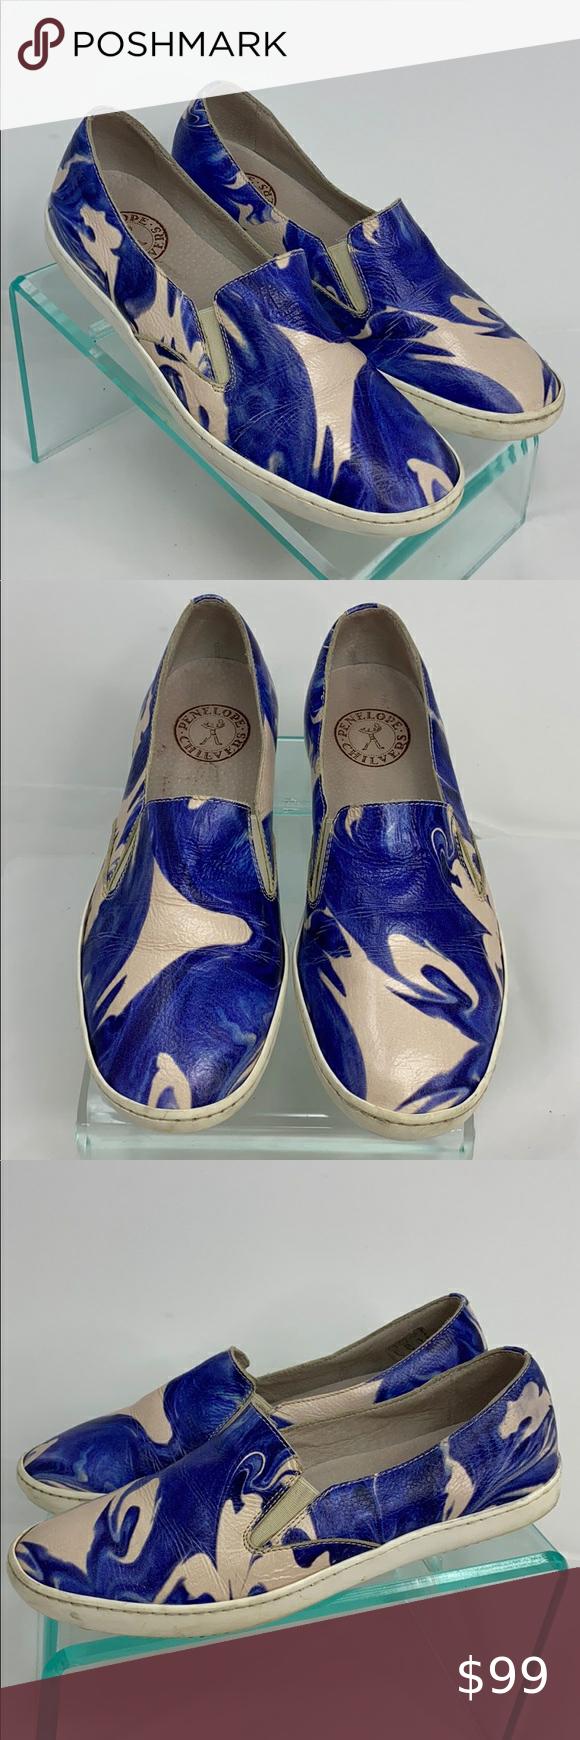 Penelope Chilvers Sz 39 Leather Slip On Sneaker